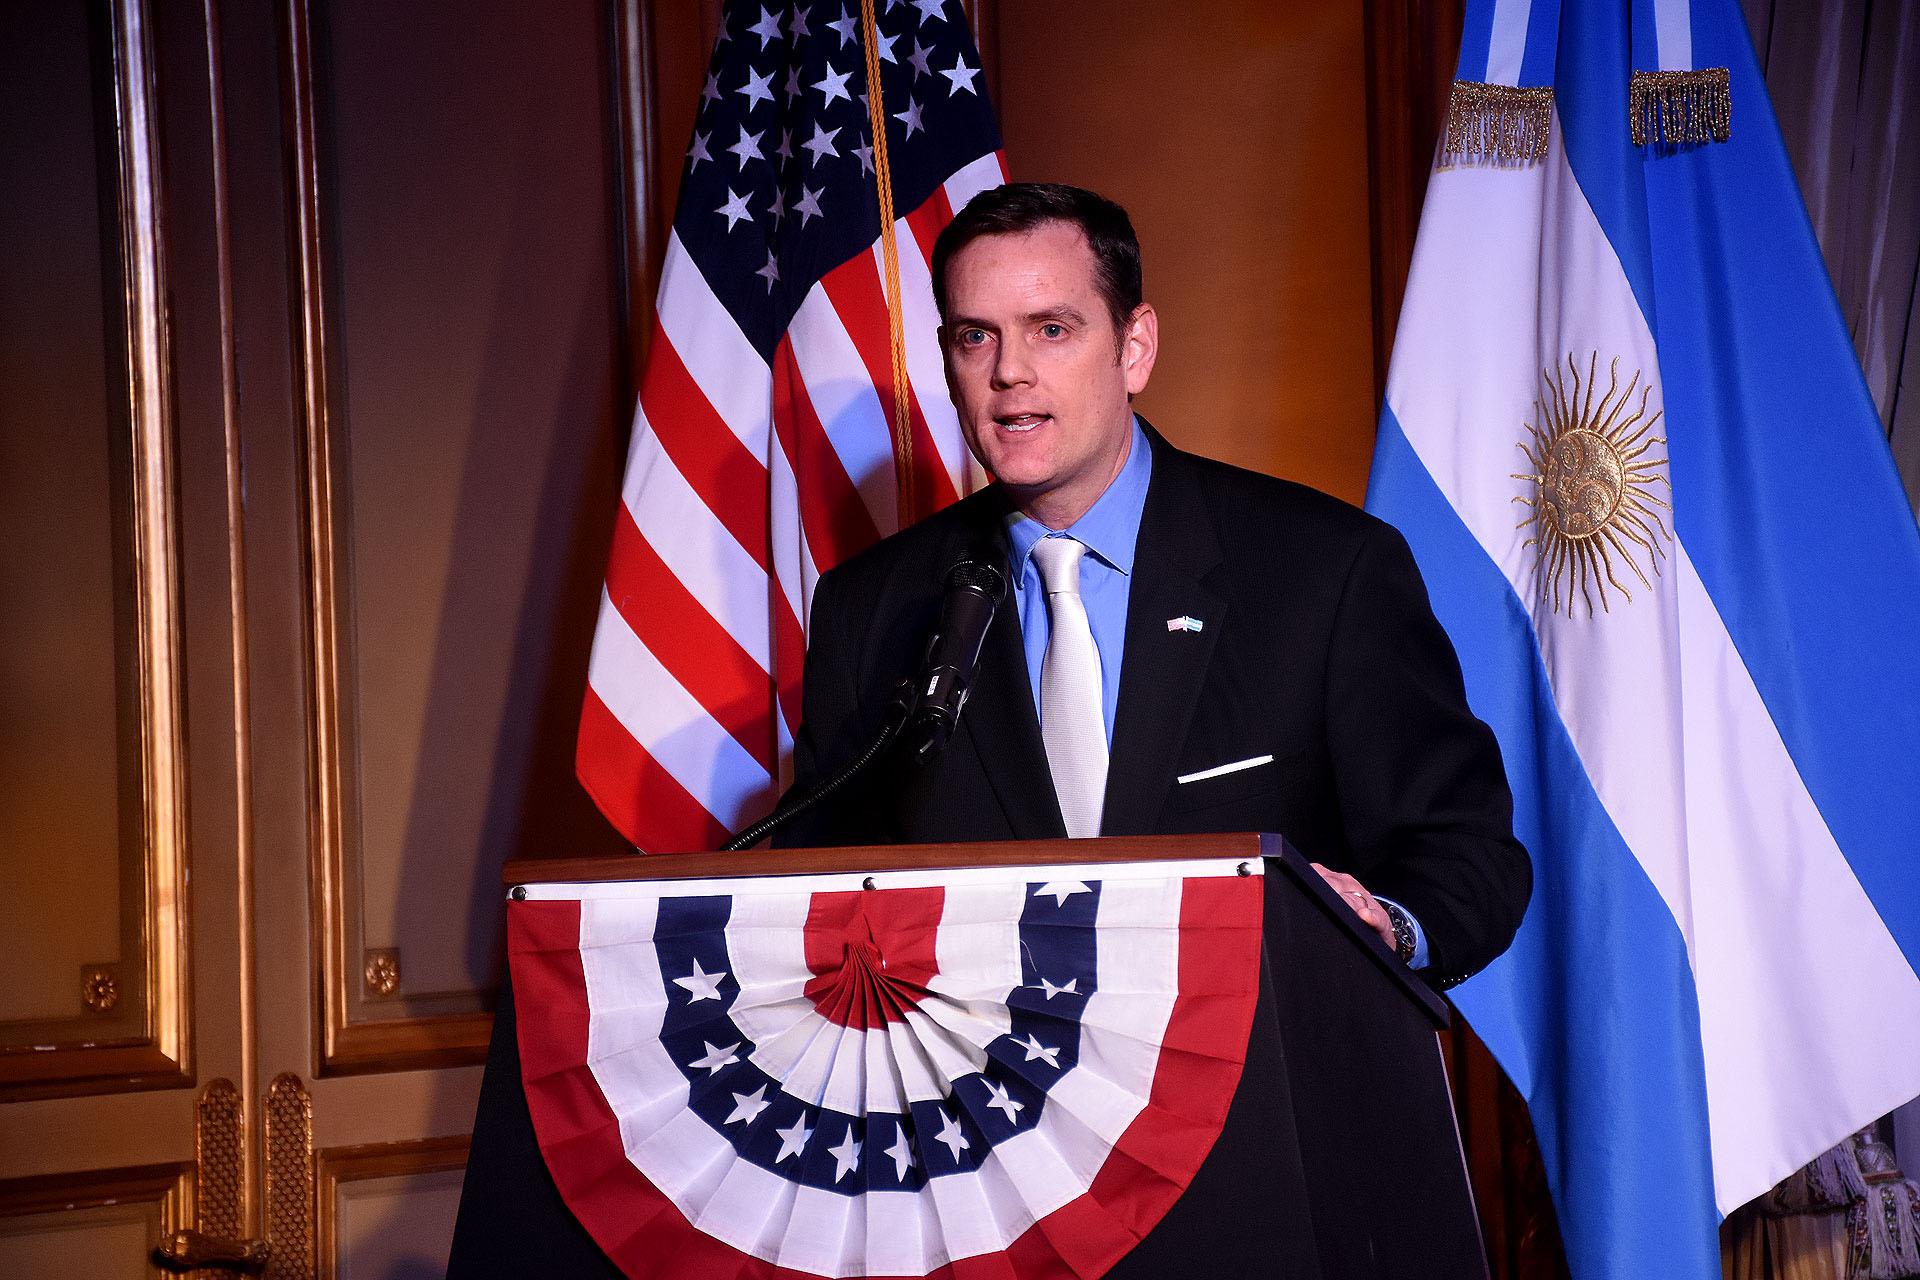 El encargado de Negocios de la embajada de los Estados Unidos, Tom Cooney